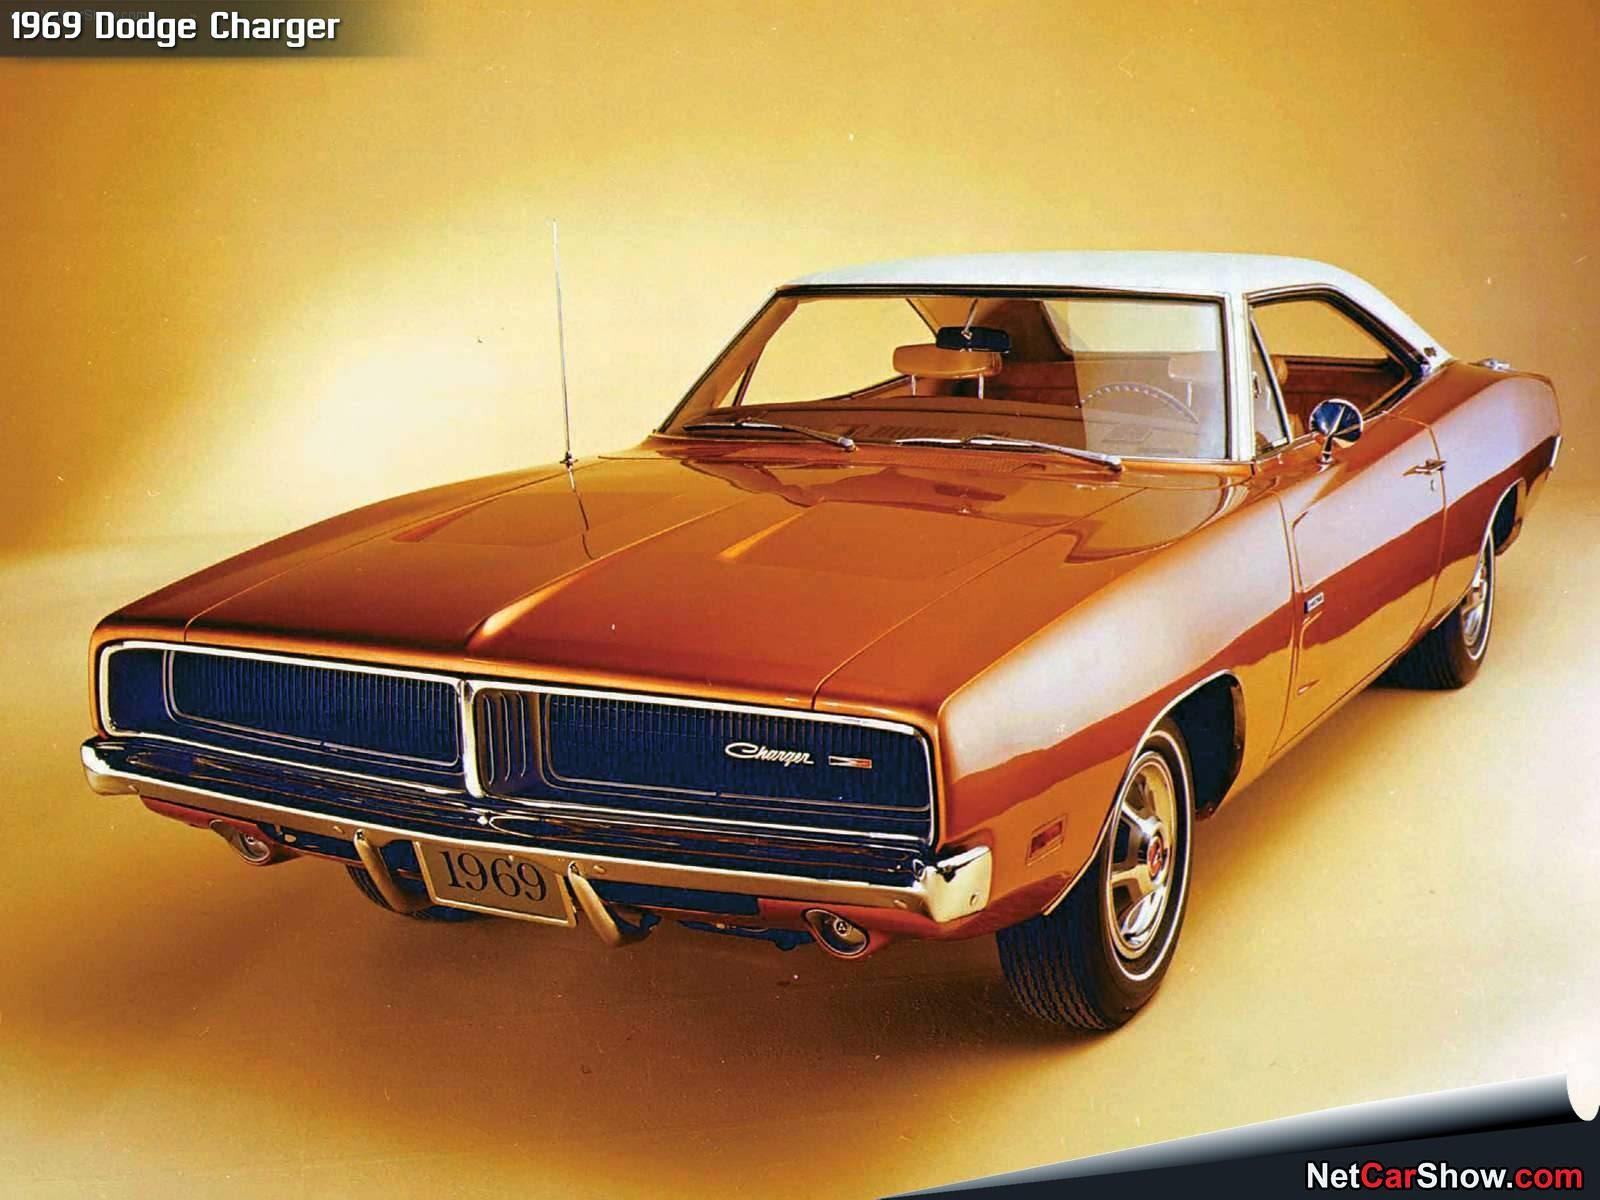 1969 dodge charger type cars. Black Bedroom Furniture Sets. Home Design Ideas